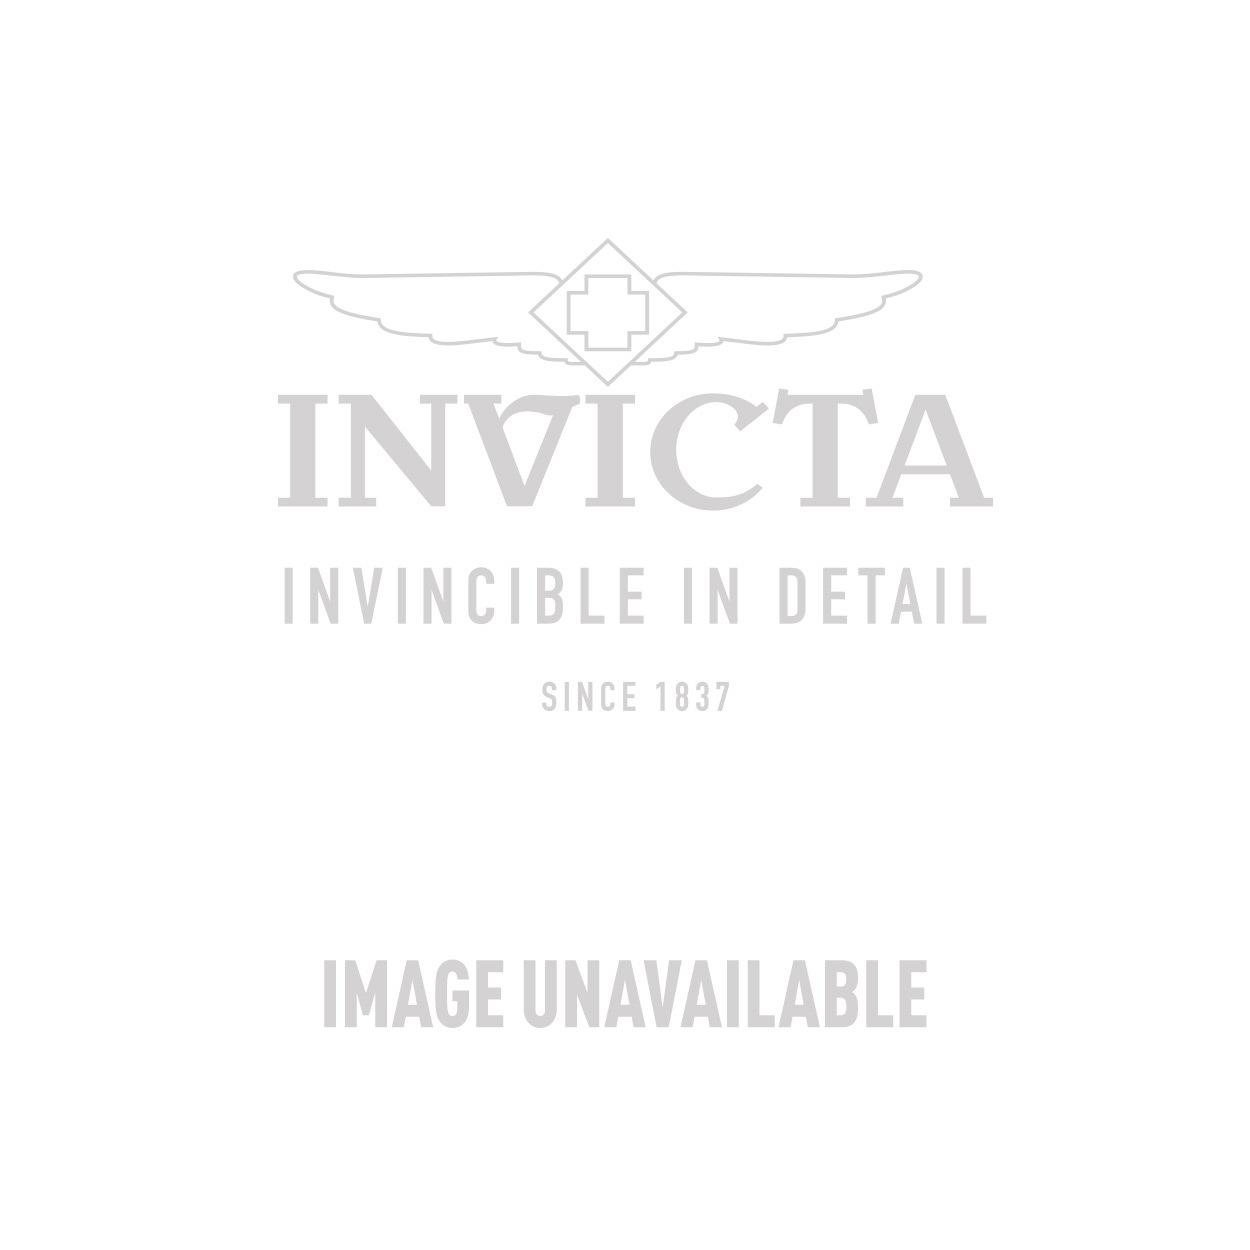 Invicta Model 23518